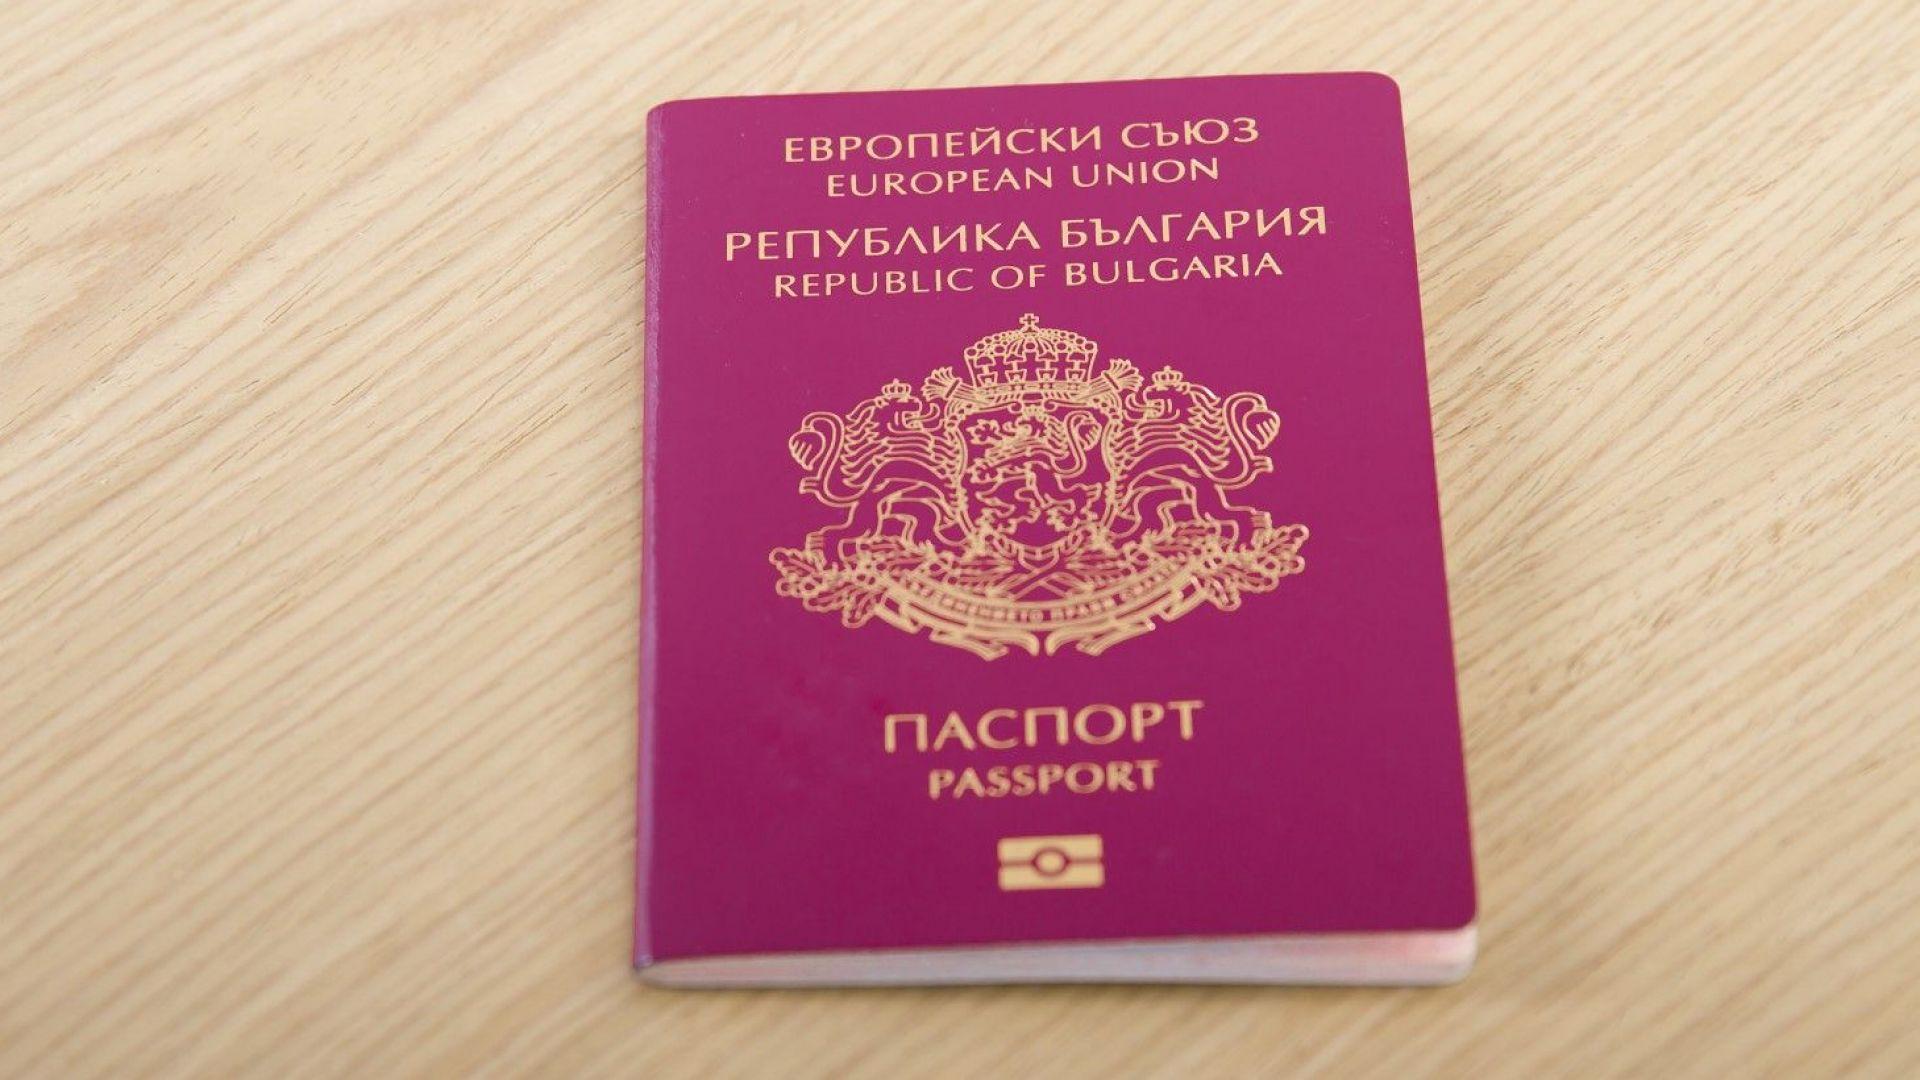 Германска фирма, която издава личните документи в Германия, и френска